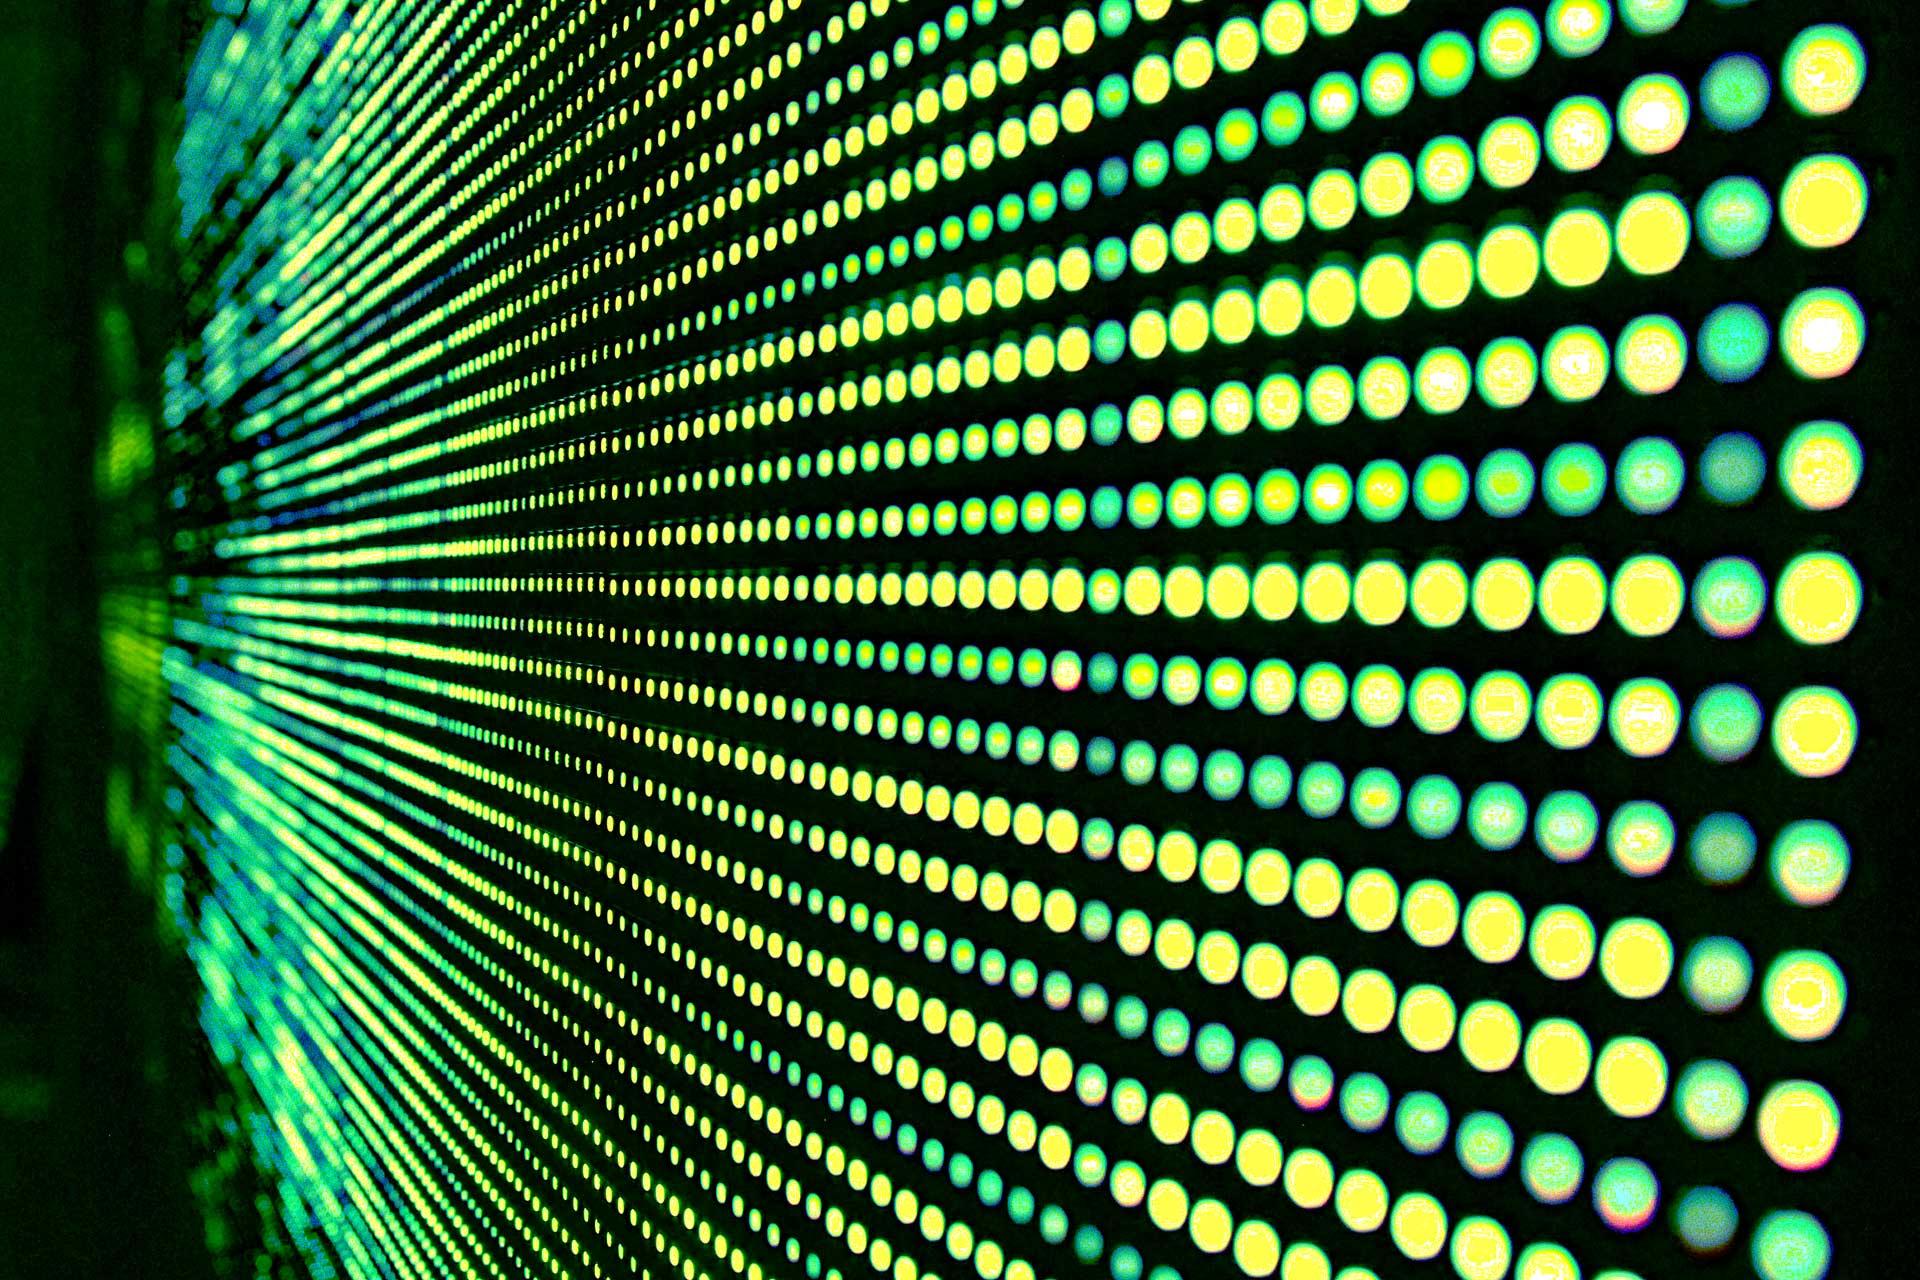 La tecnologia LED è la scelta più sostenibile dal punto di vista dei consumi energetici